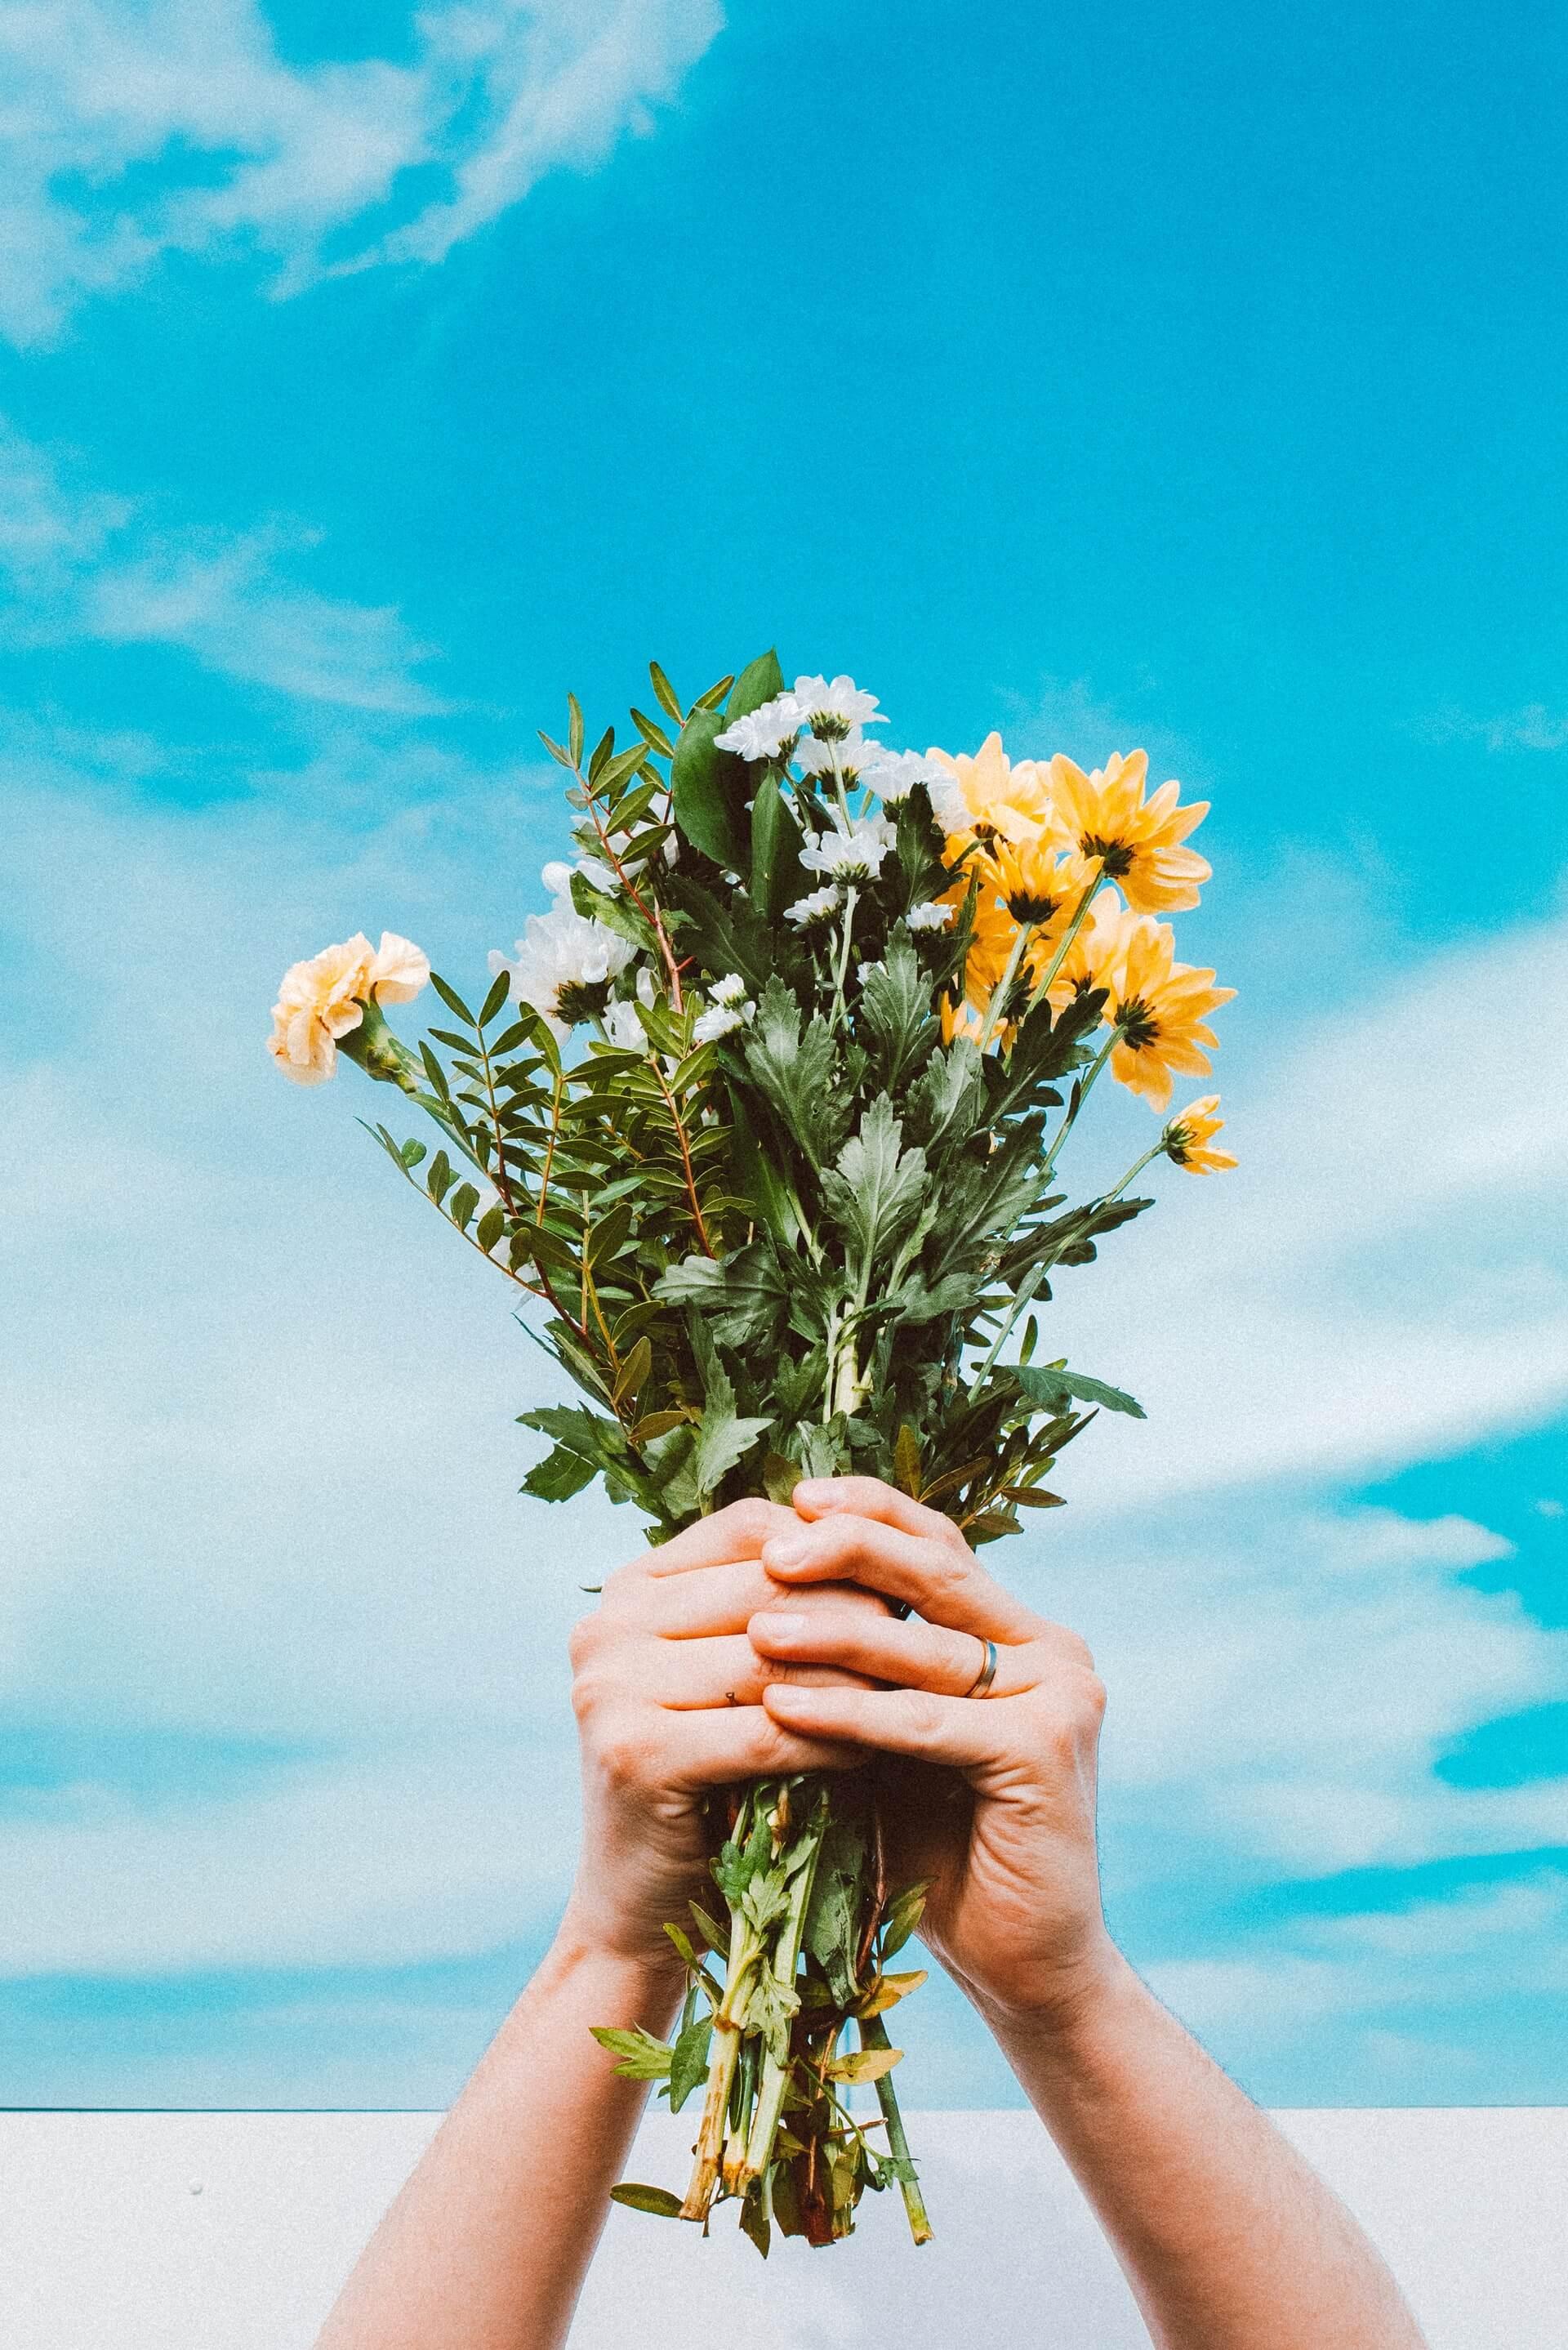 flowers being held